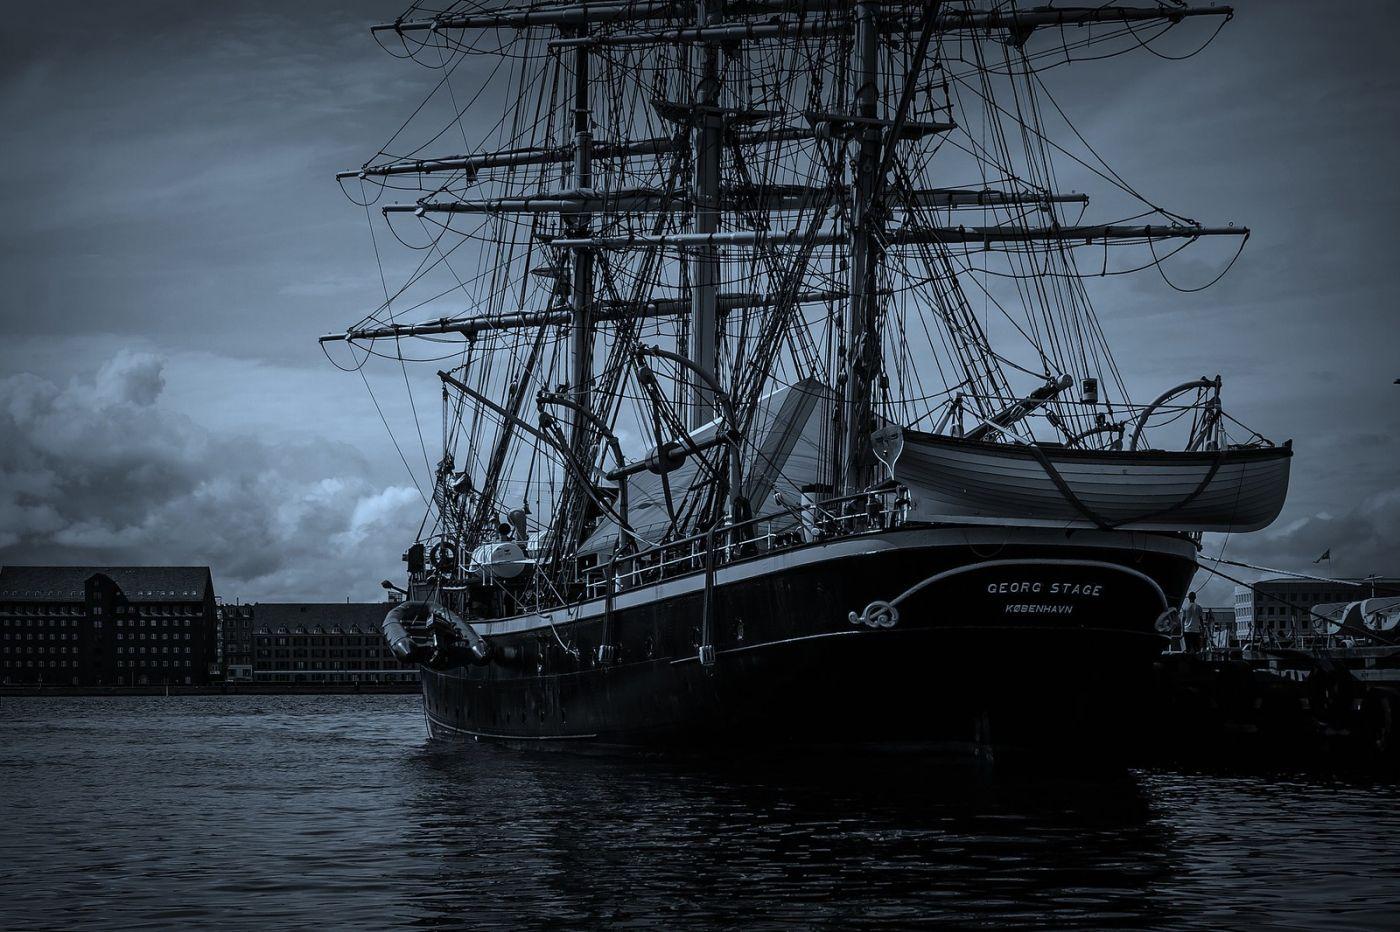 丹麦哥本哈根,坐船看市景_图1-12